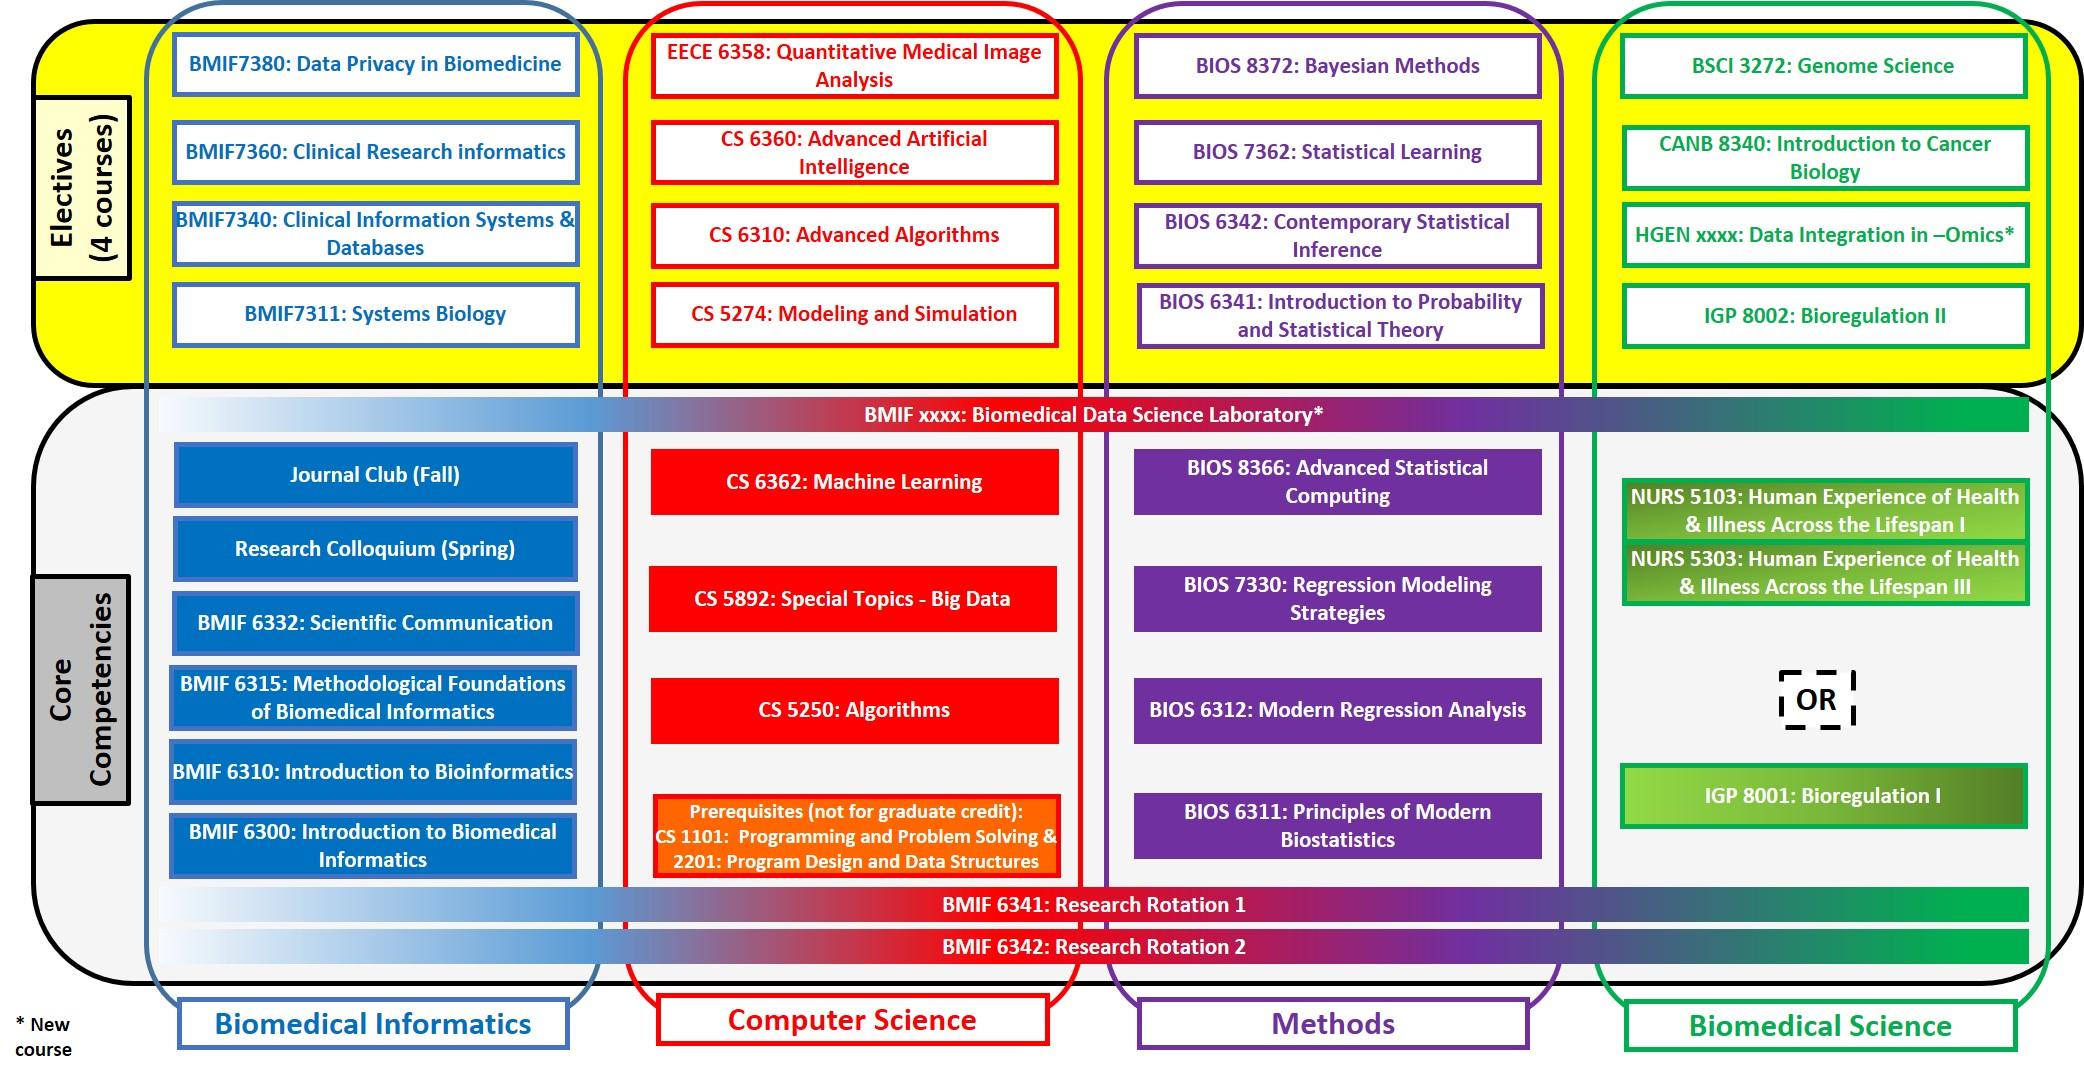 BIDS Chart.jpg